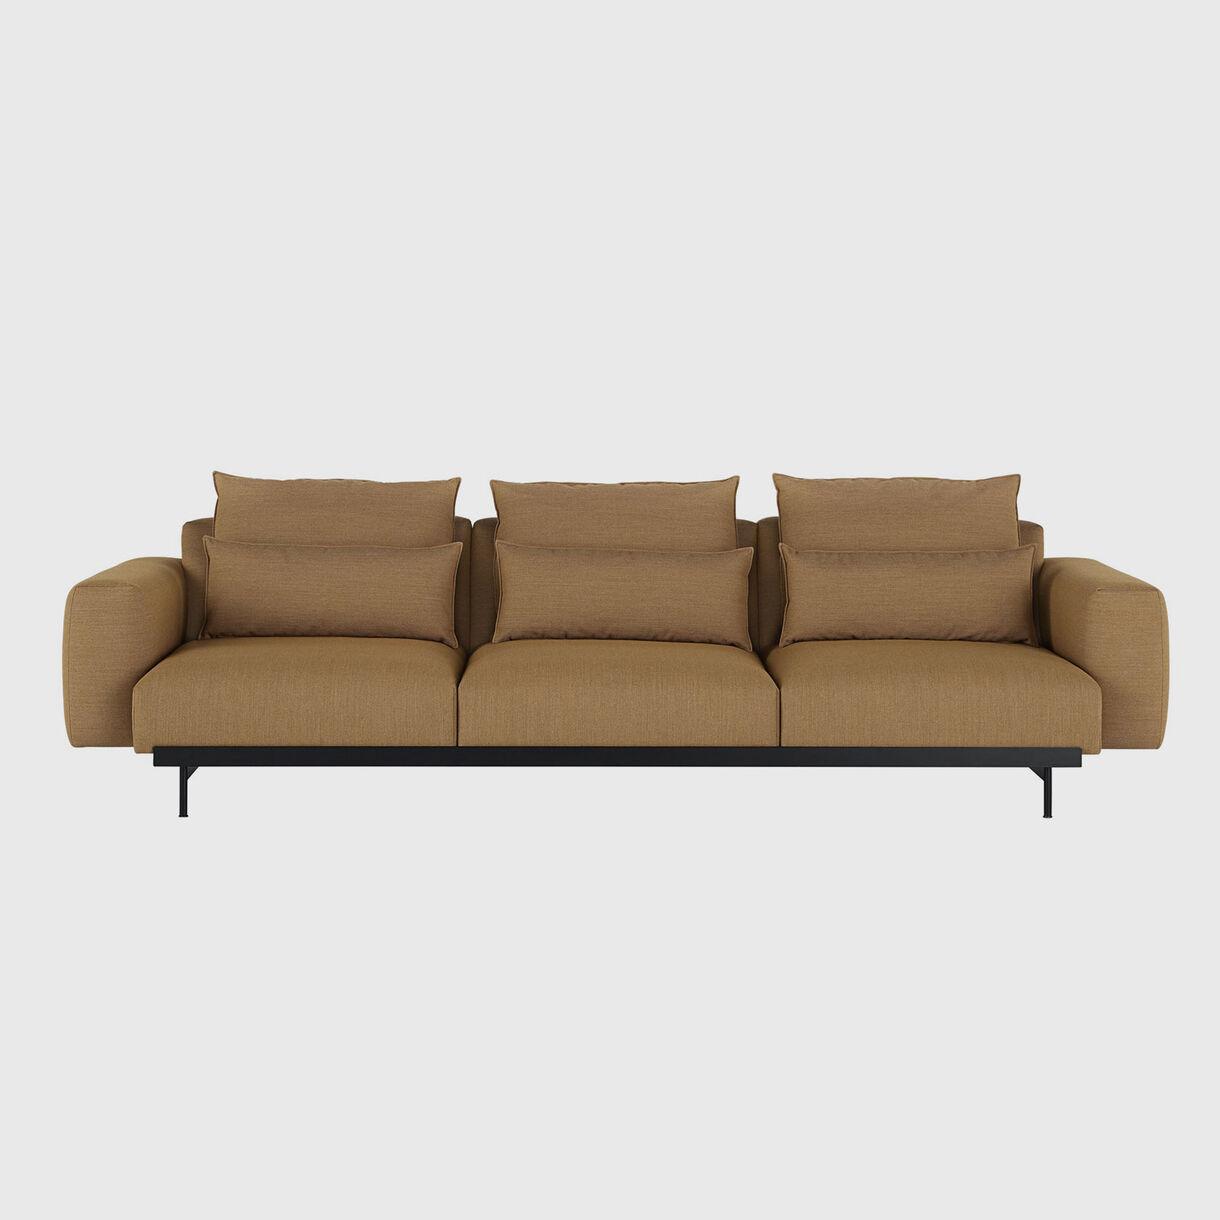 In Situ 3 Seater Sofa, Fiord 451